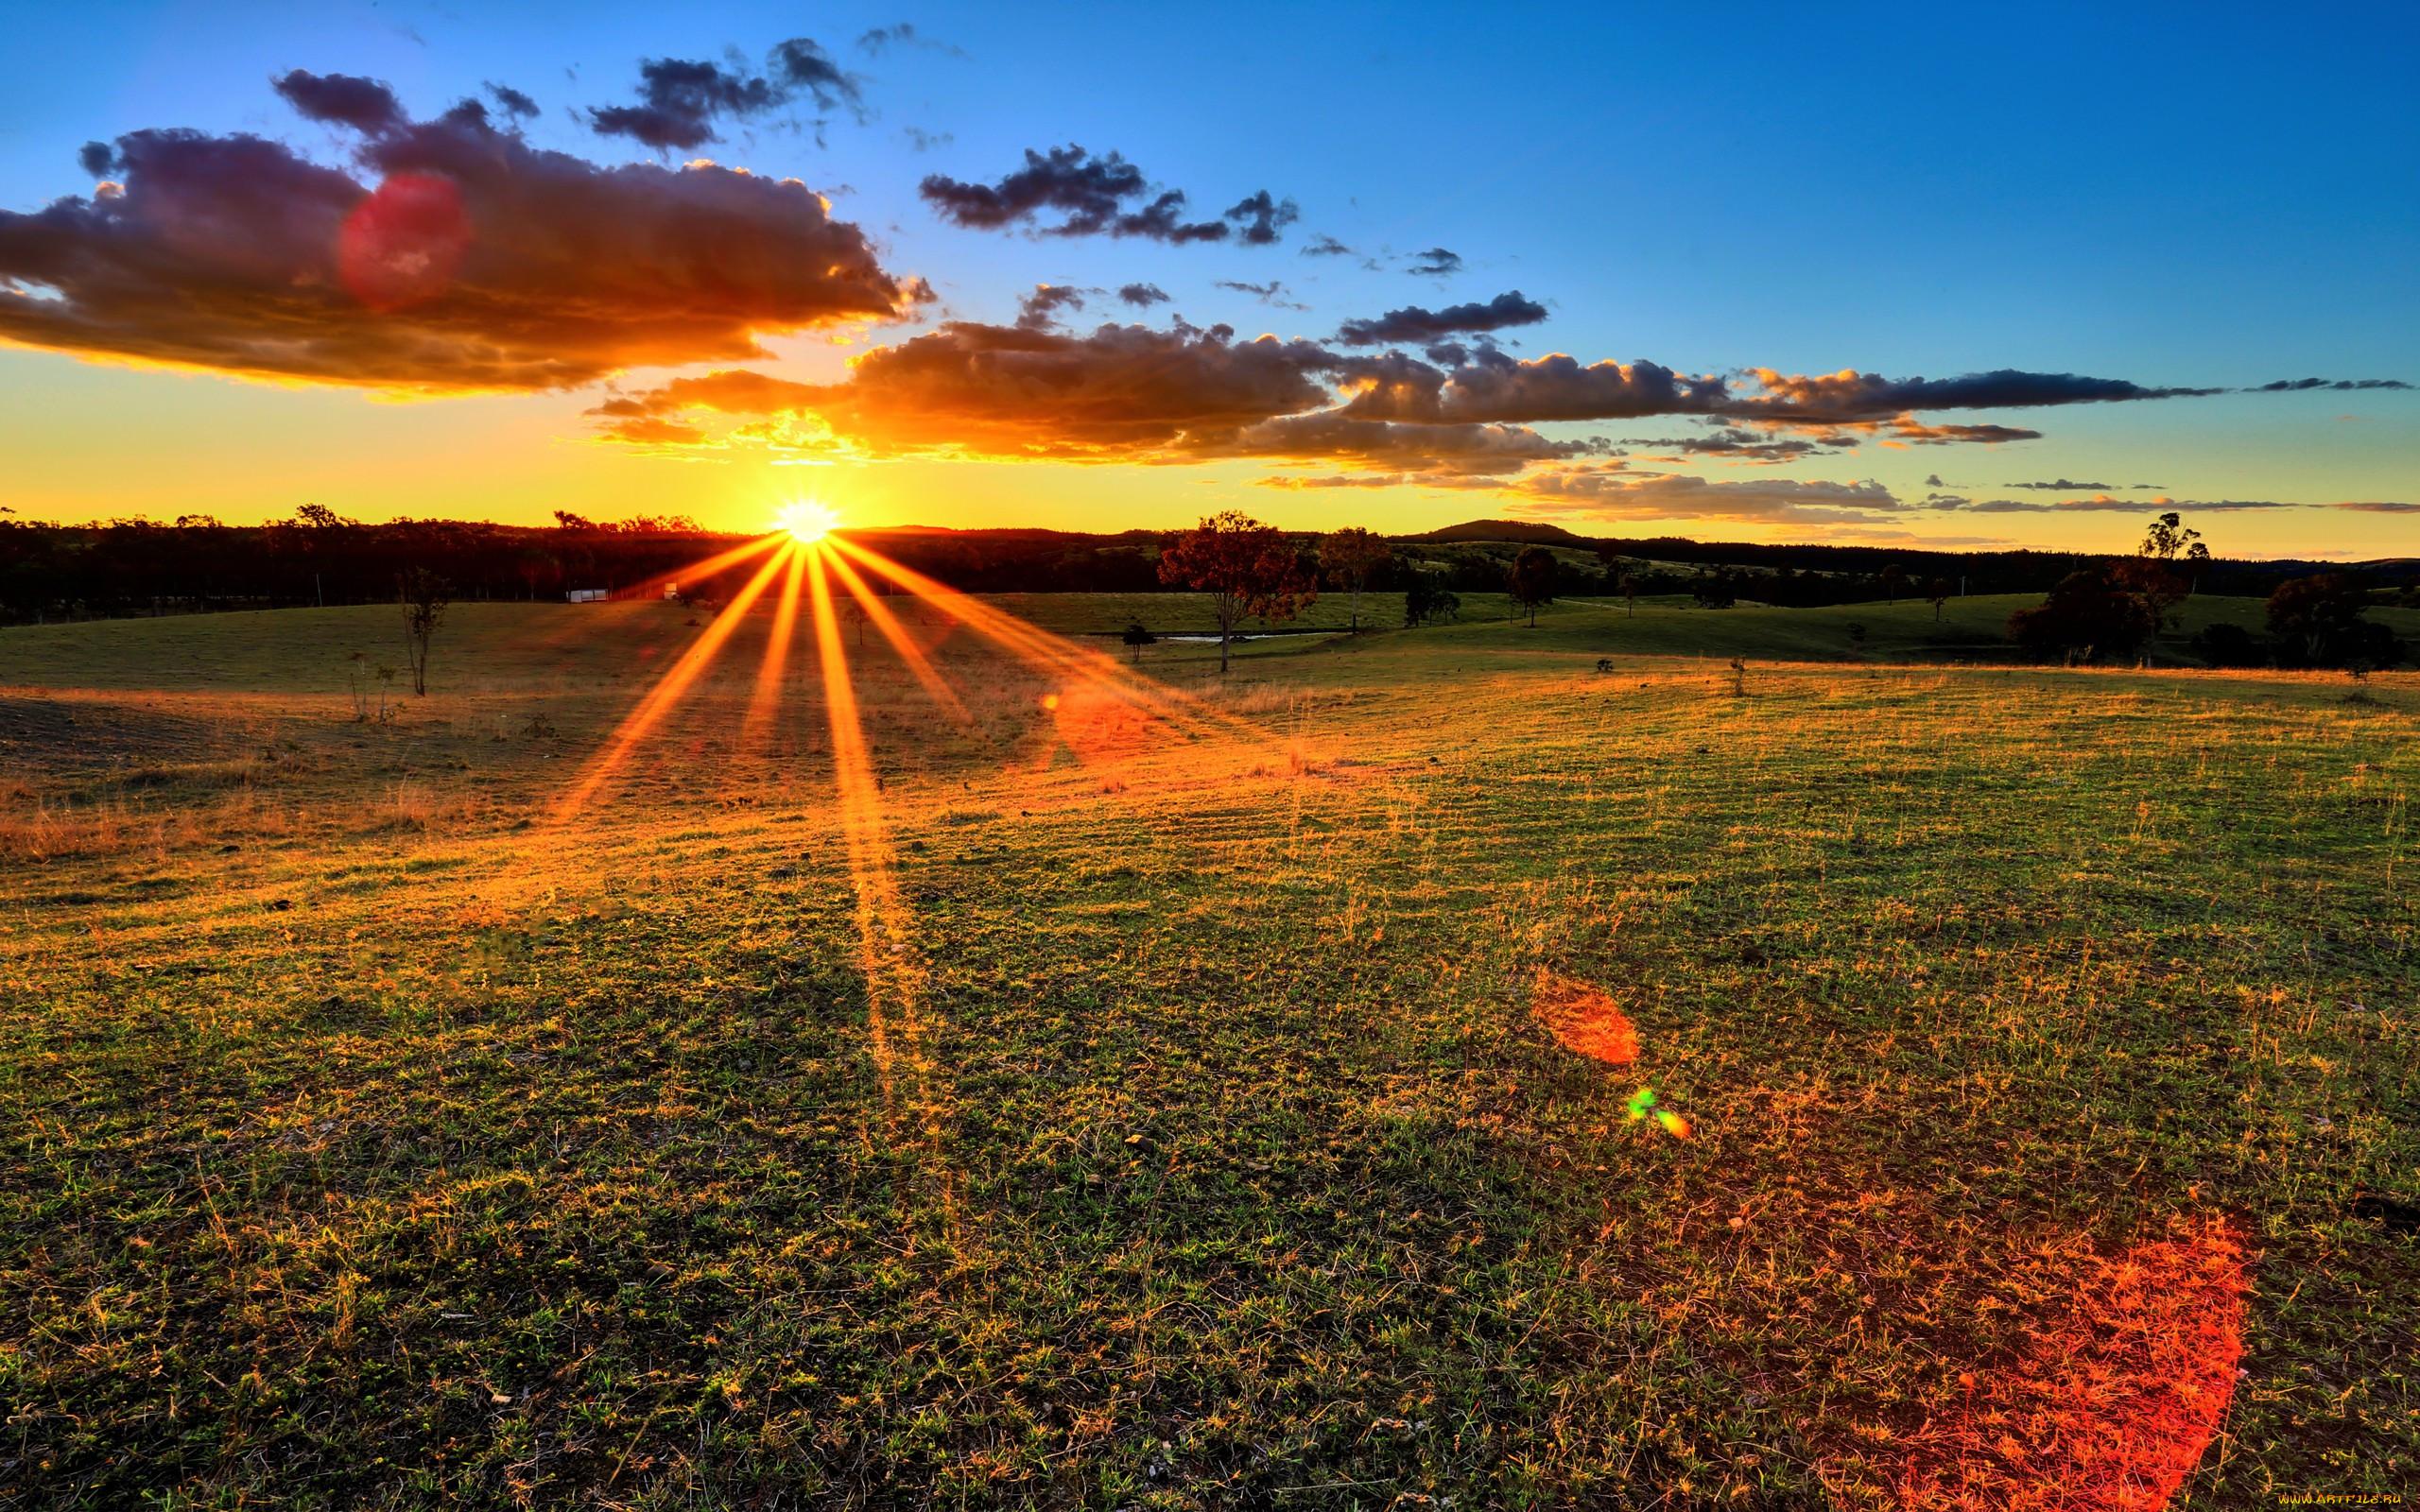 седле маршруту как фотографировать природу солнце пдк